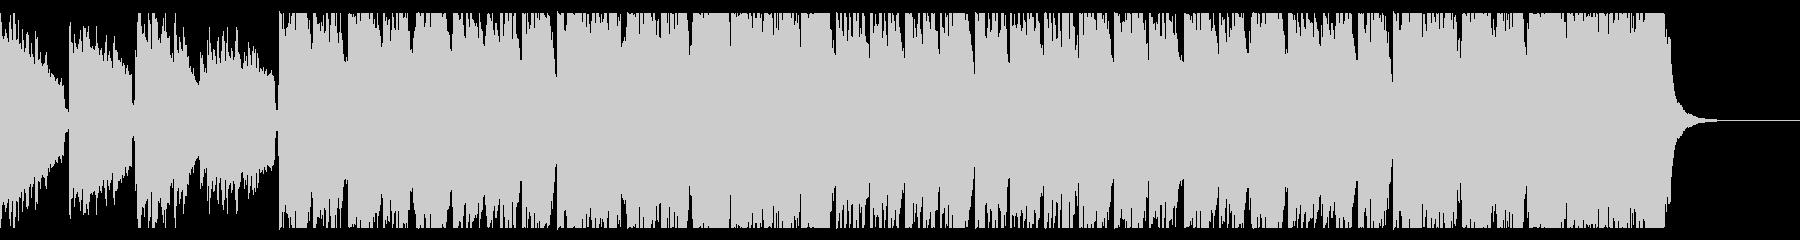 和風なハープと尺八BGMの未再生の波形